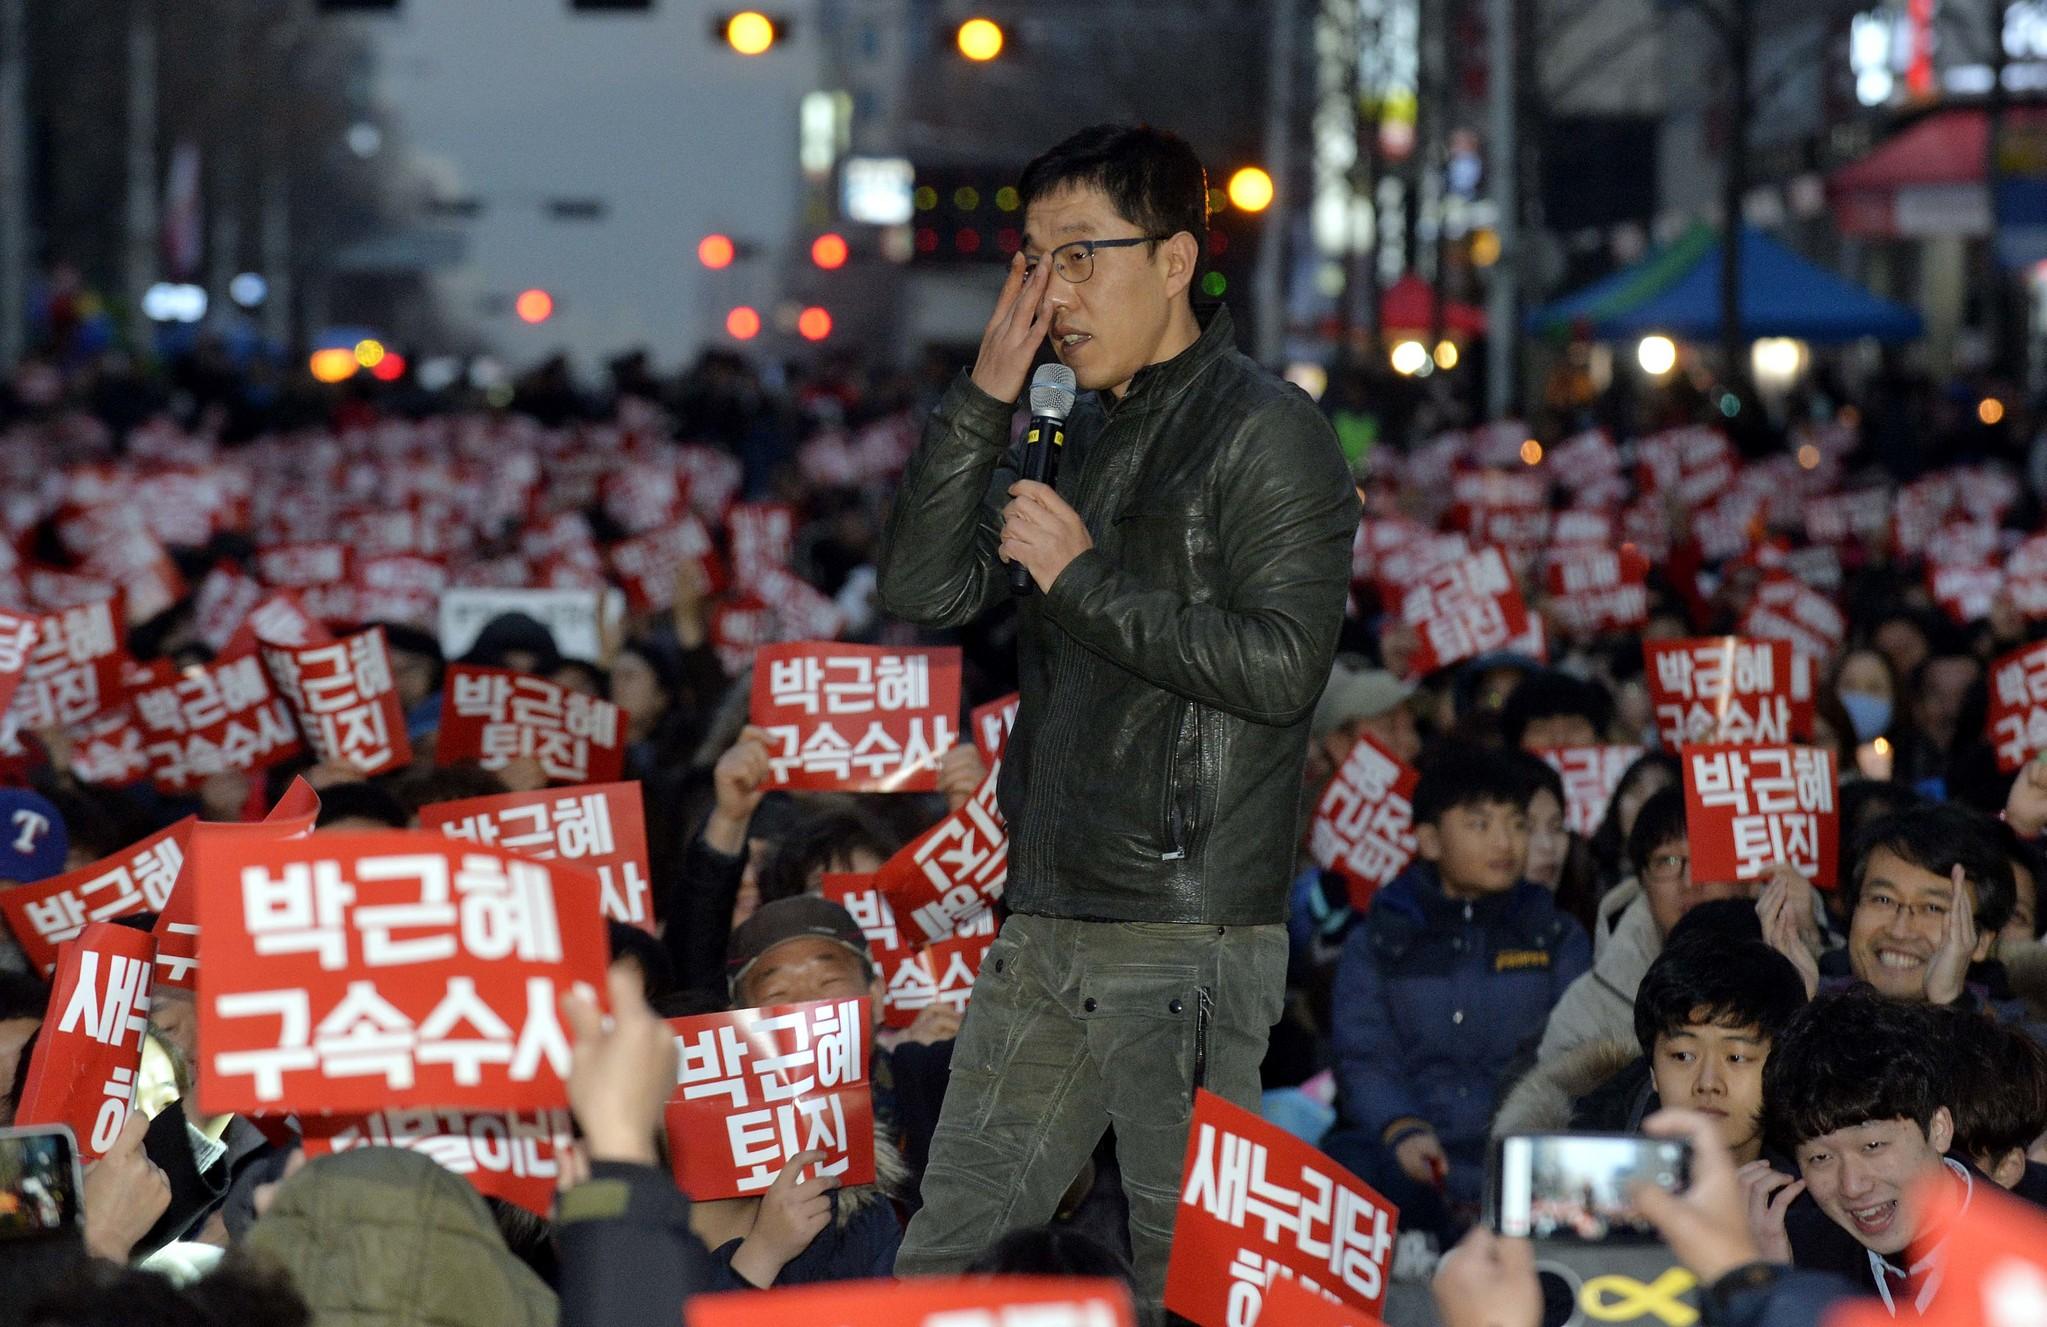 """""""김제동 죽이자"""" 박사모 막말에 김제동...""""사랑은 우리의 것이길"""""""